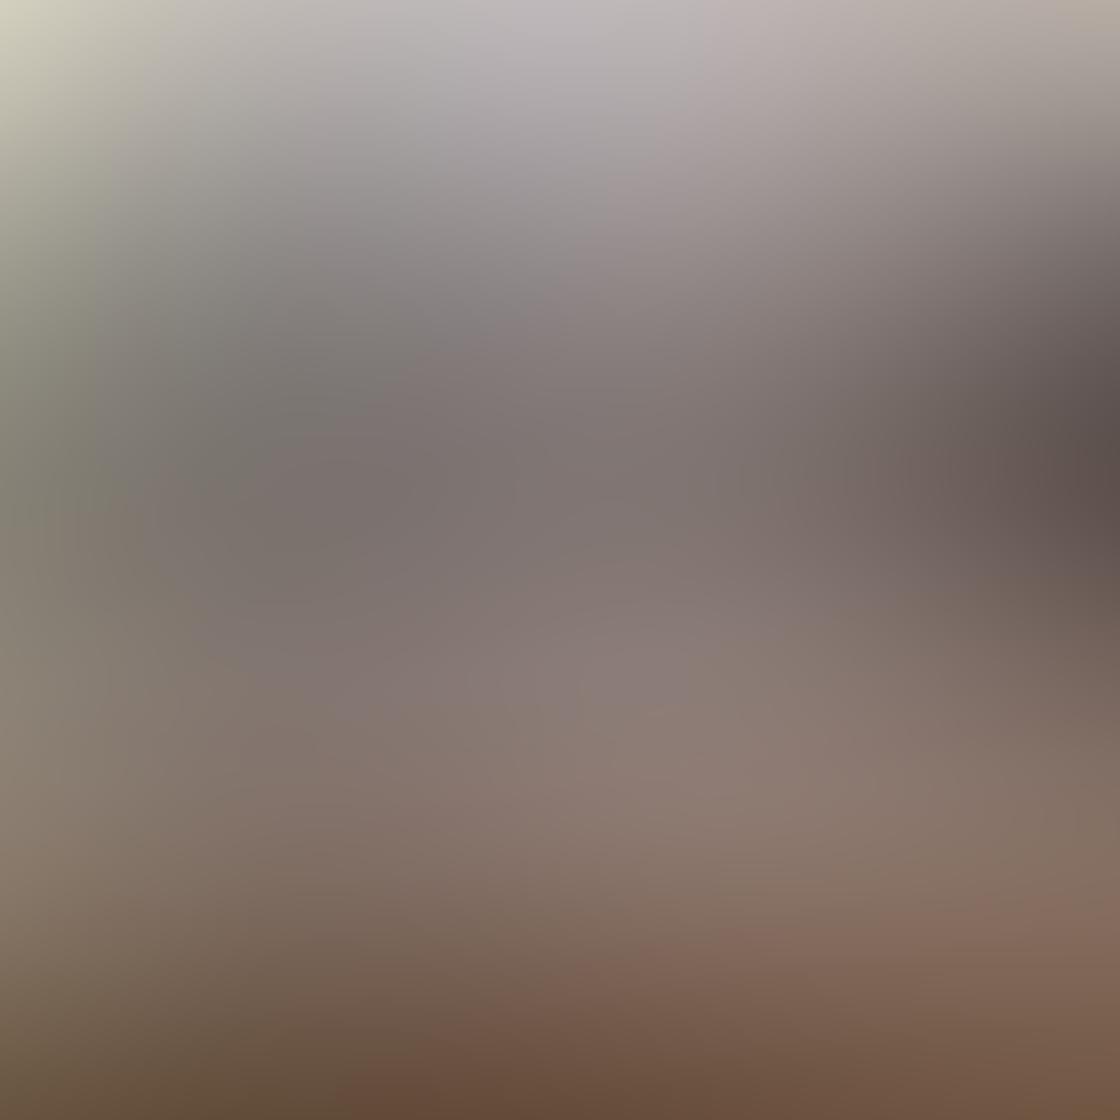 iPhone Empty Space Photo 24